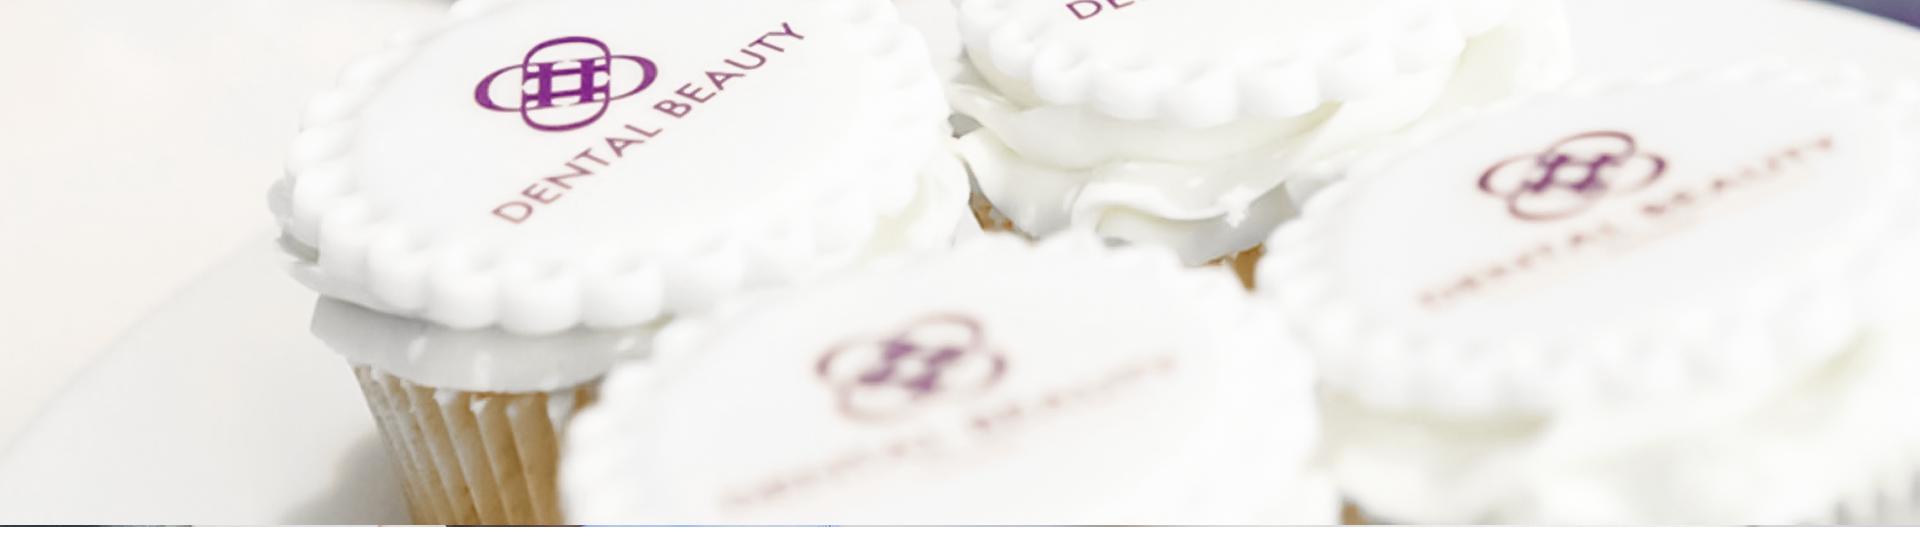 treatments dental beauty